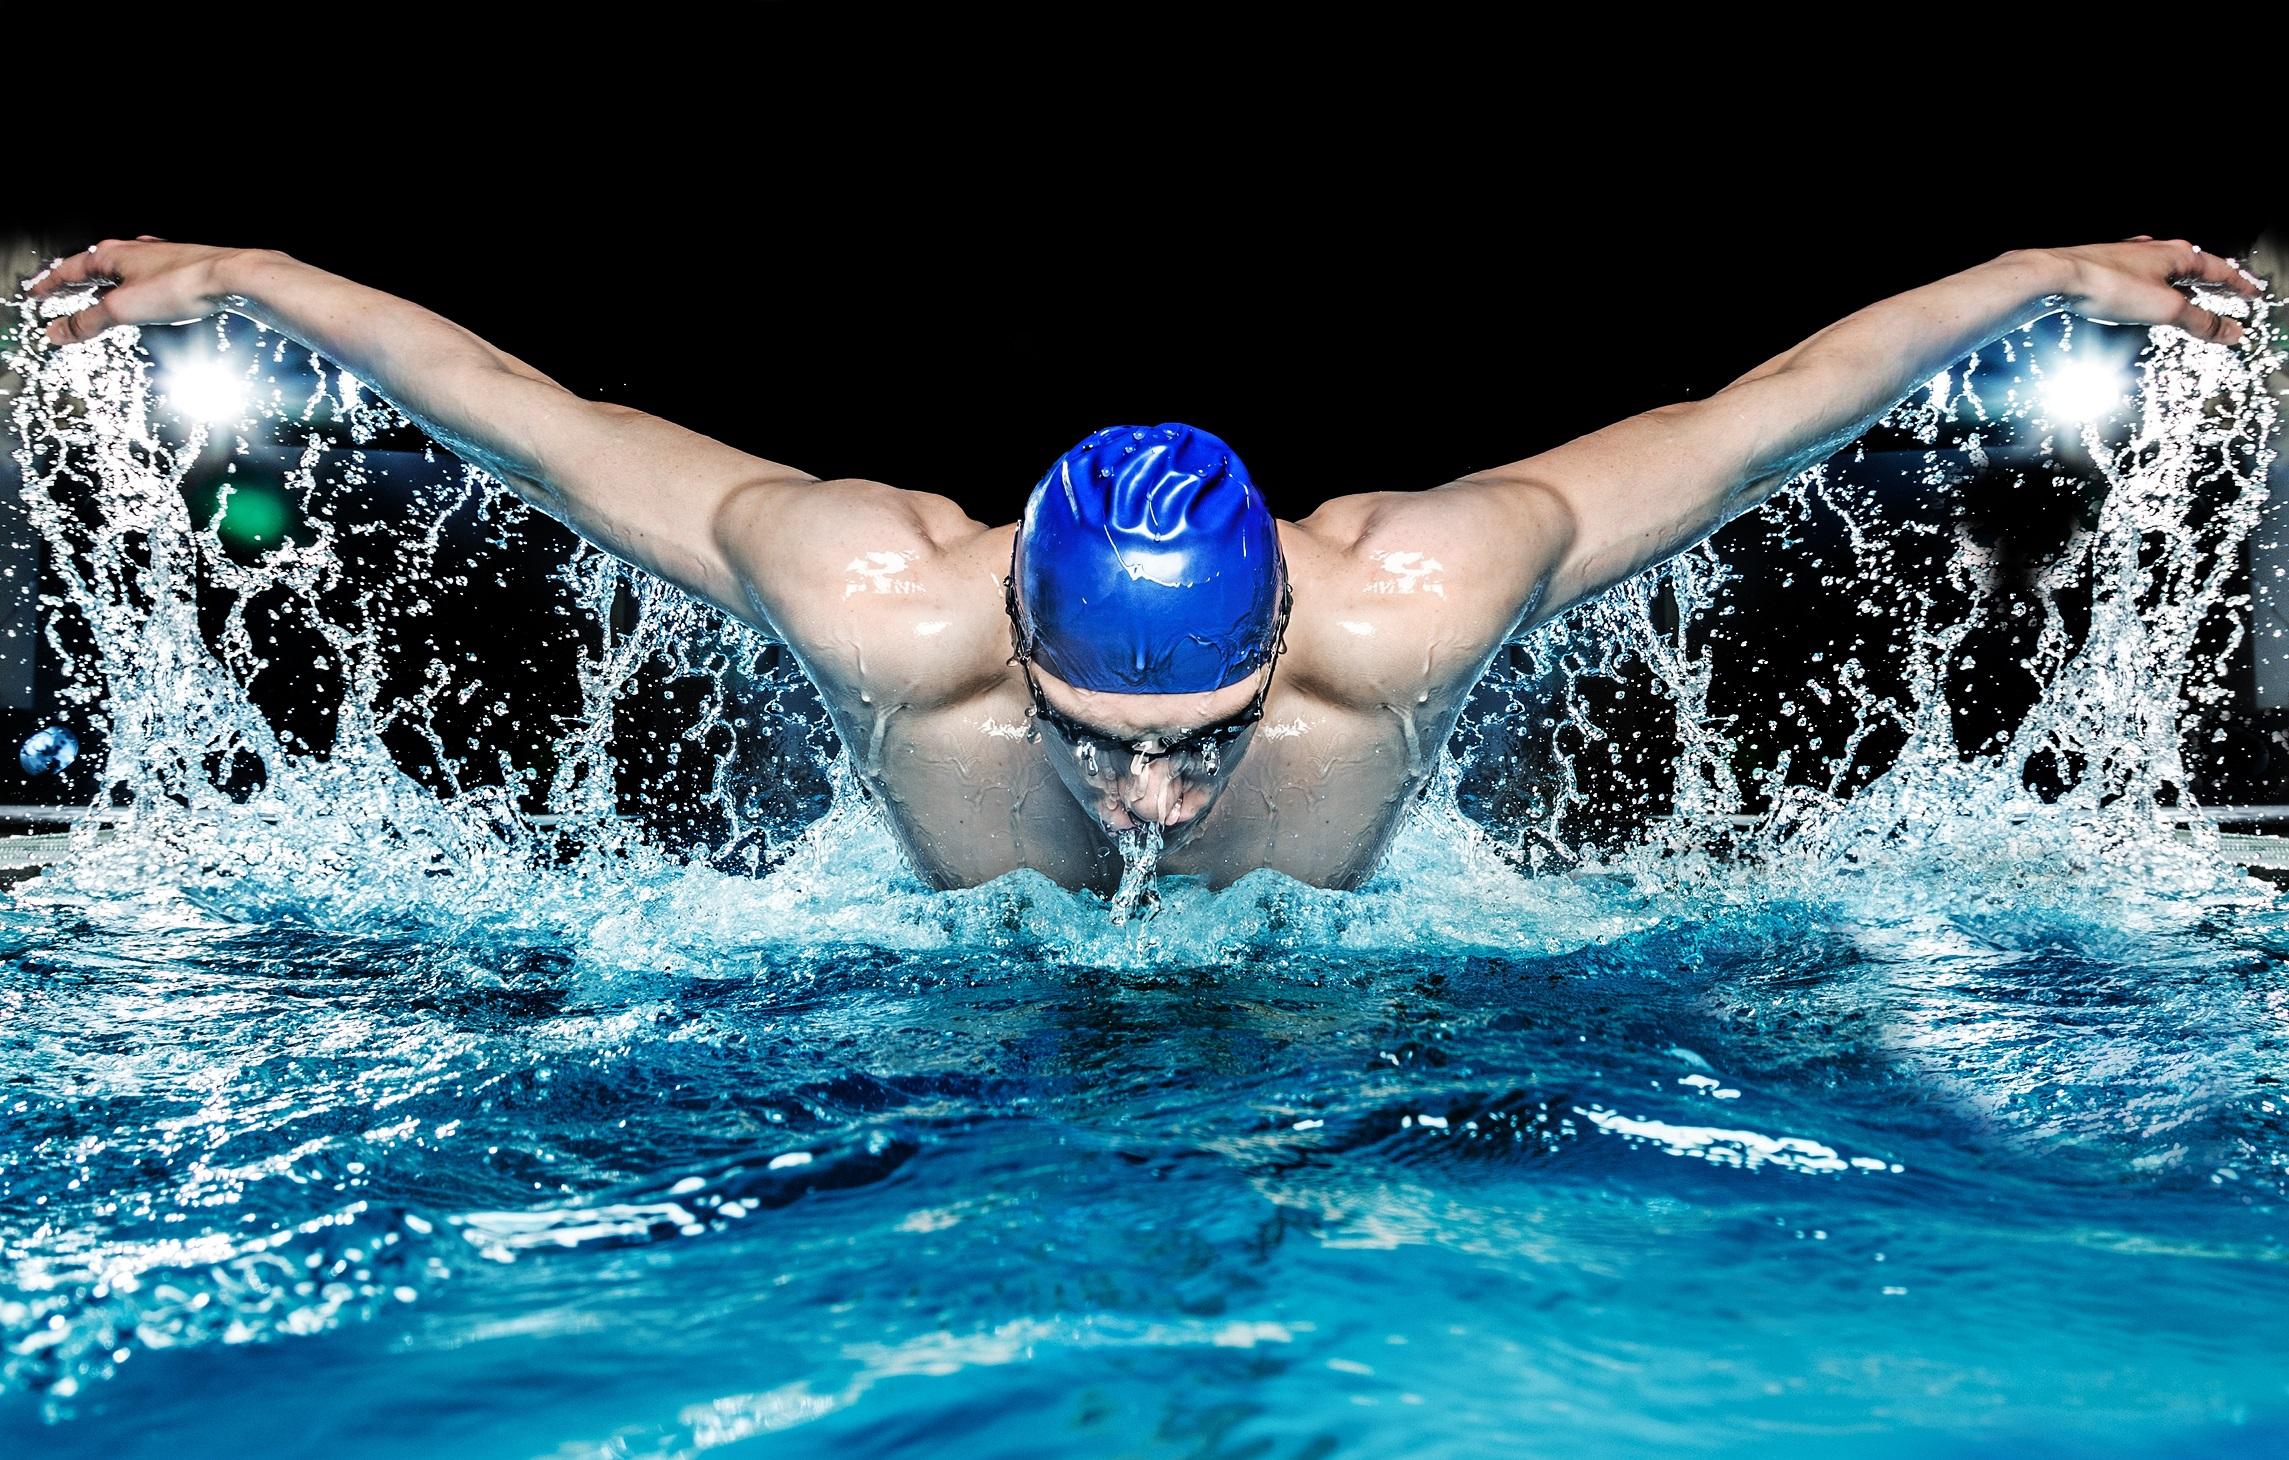 Conhece as principais lesões na natação? Veja como se prevenir - Foto: AdobeStock